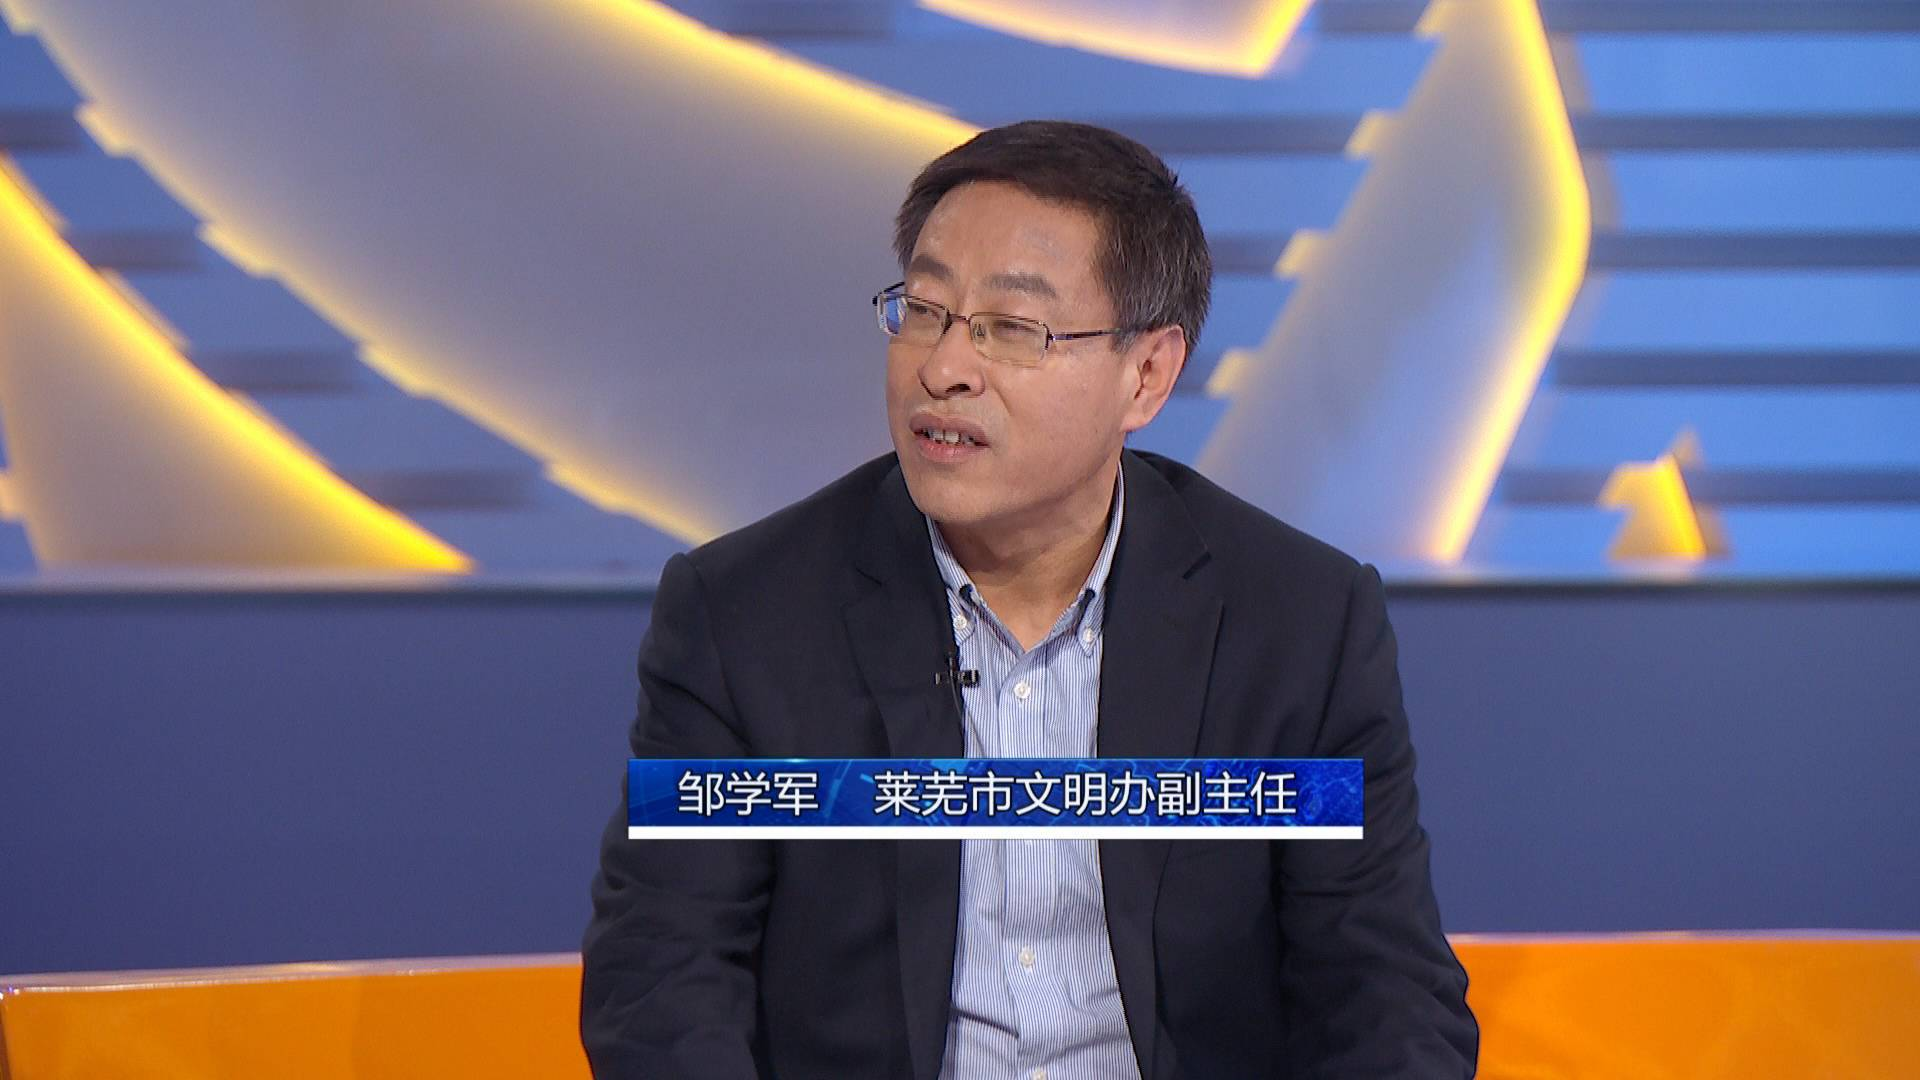 莱芜文明办副主任谈创城清理小商贩:市民从忍受到接受享受